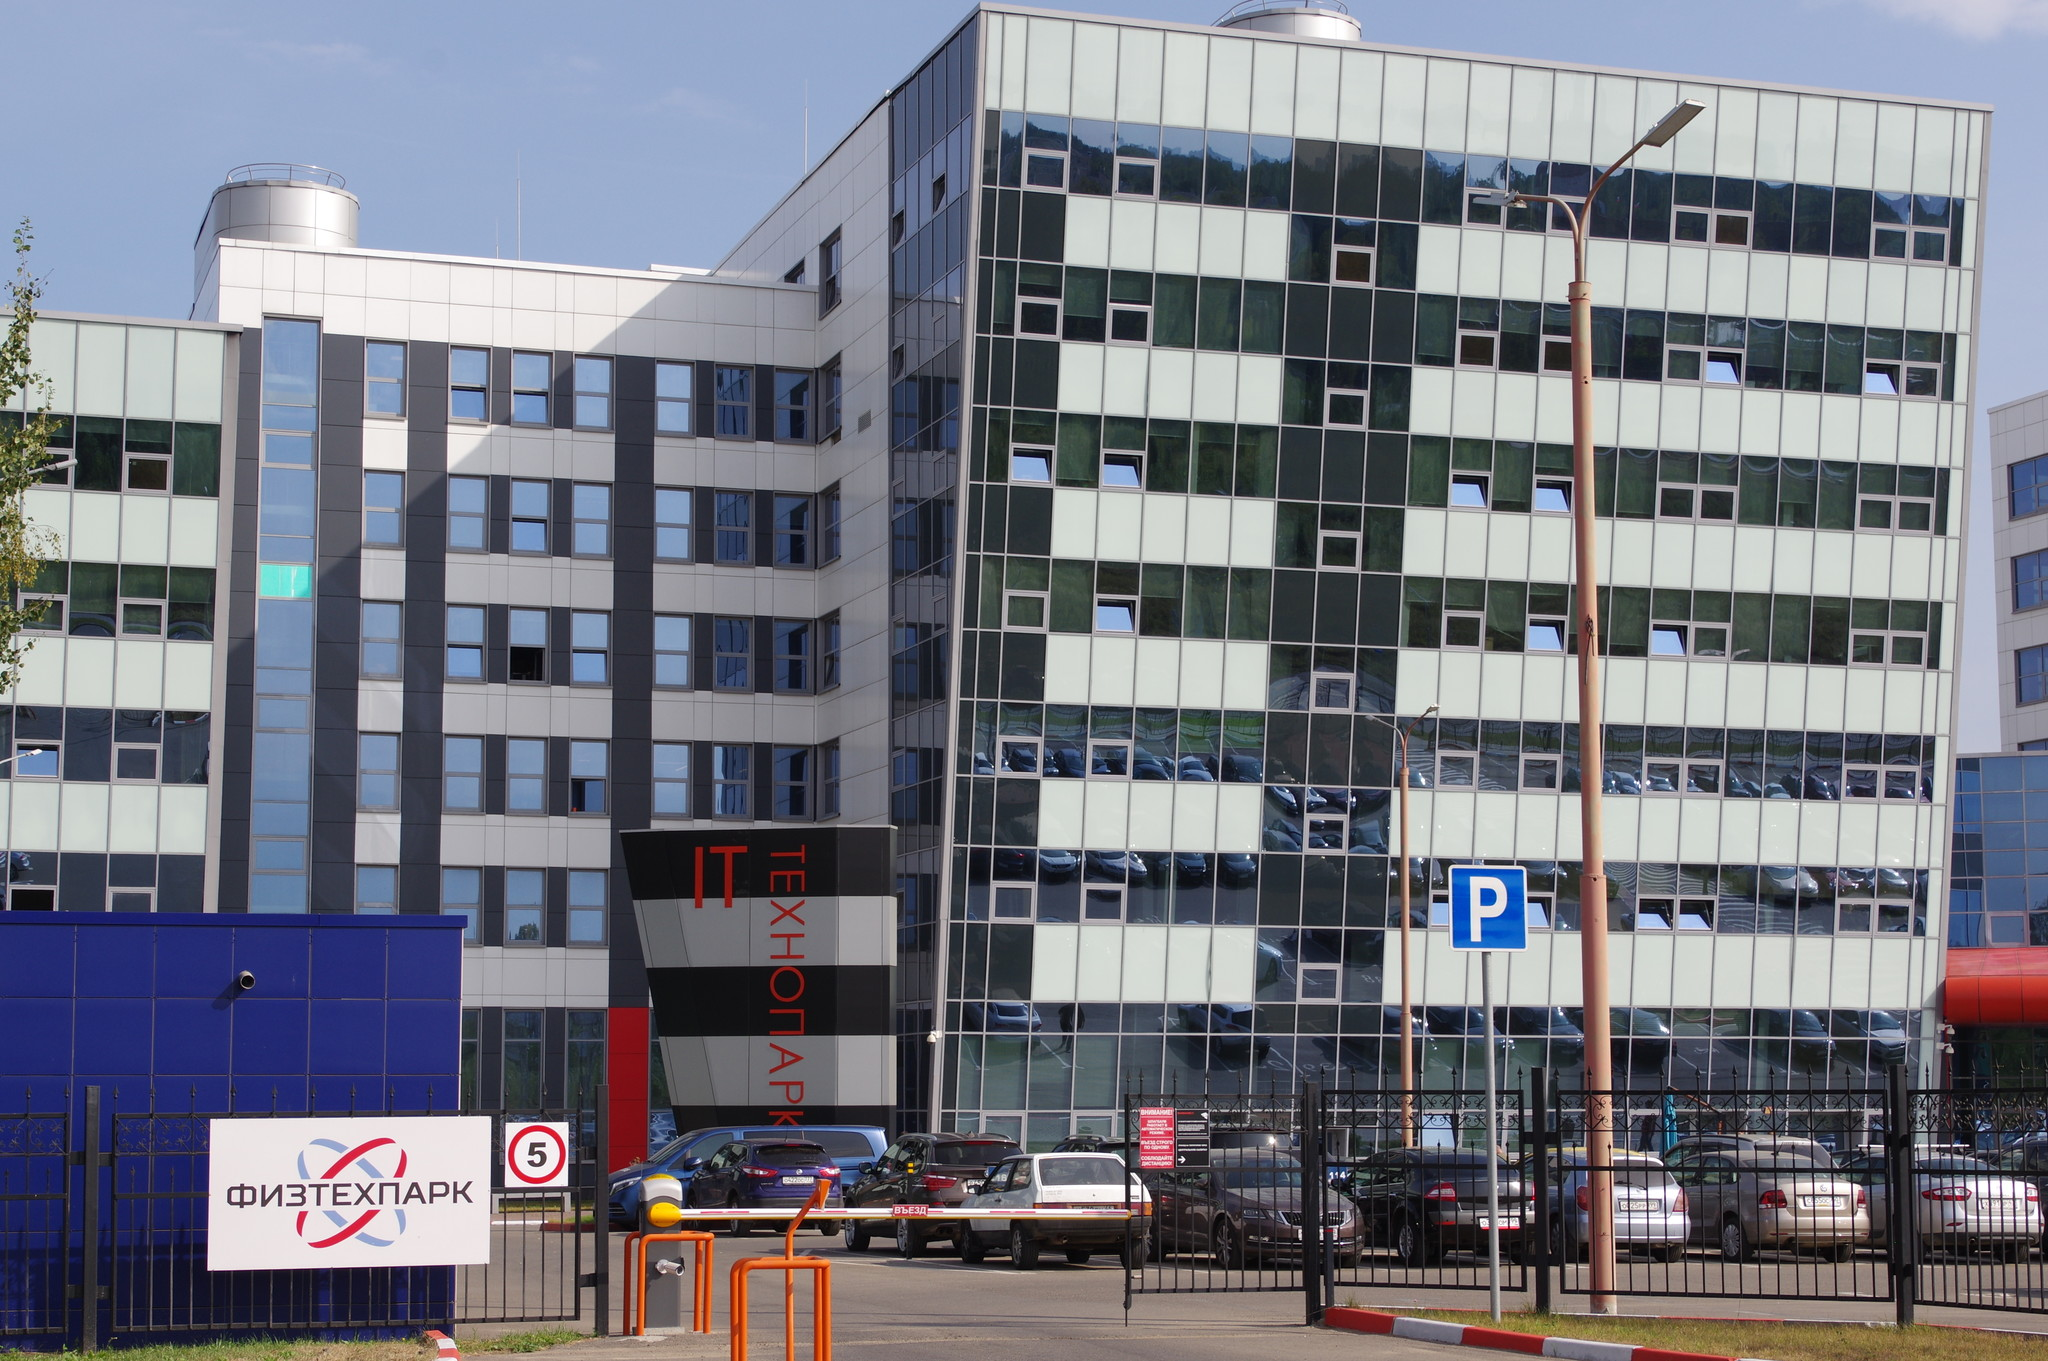 Технопарк в сфере высоких технологий «Физтехпарк» в поселке Северный ( СВАО г. Москвы)